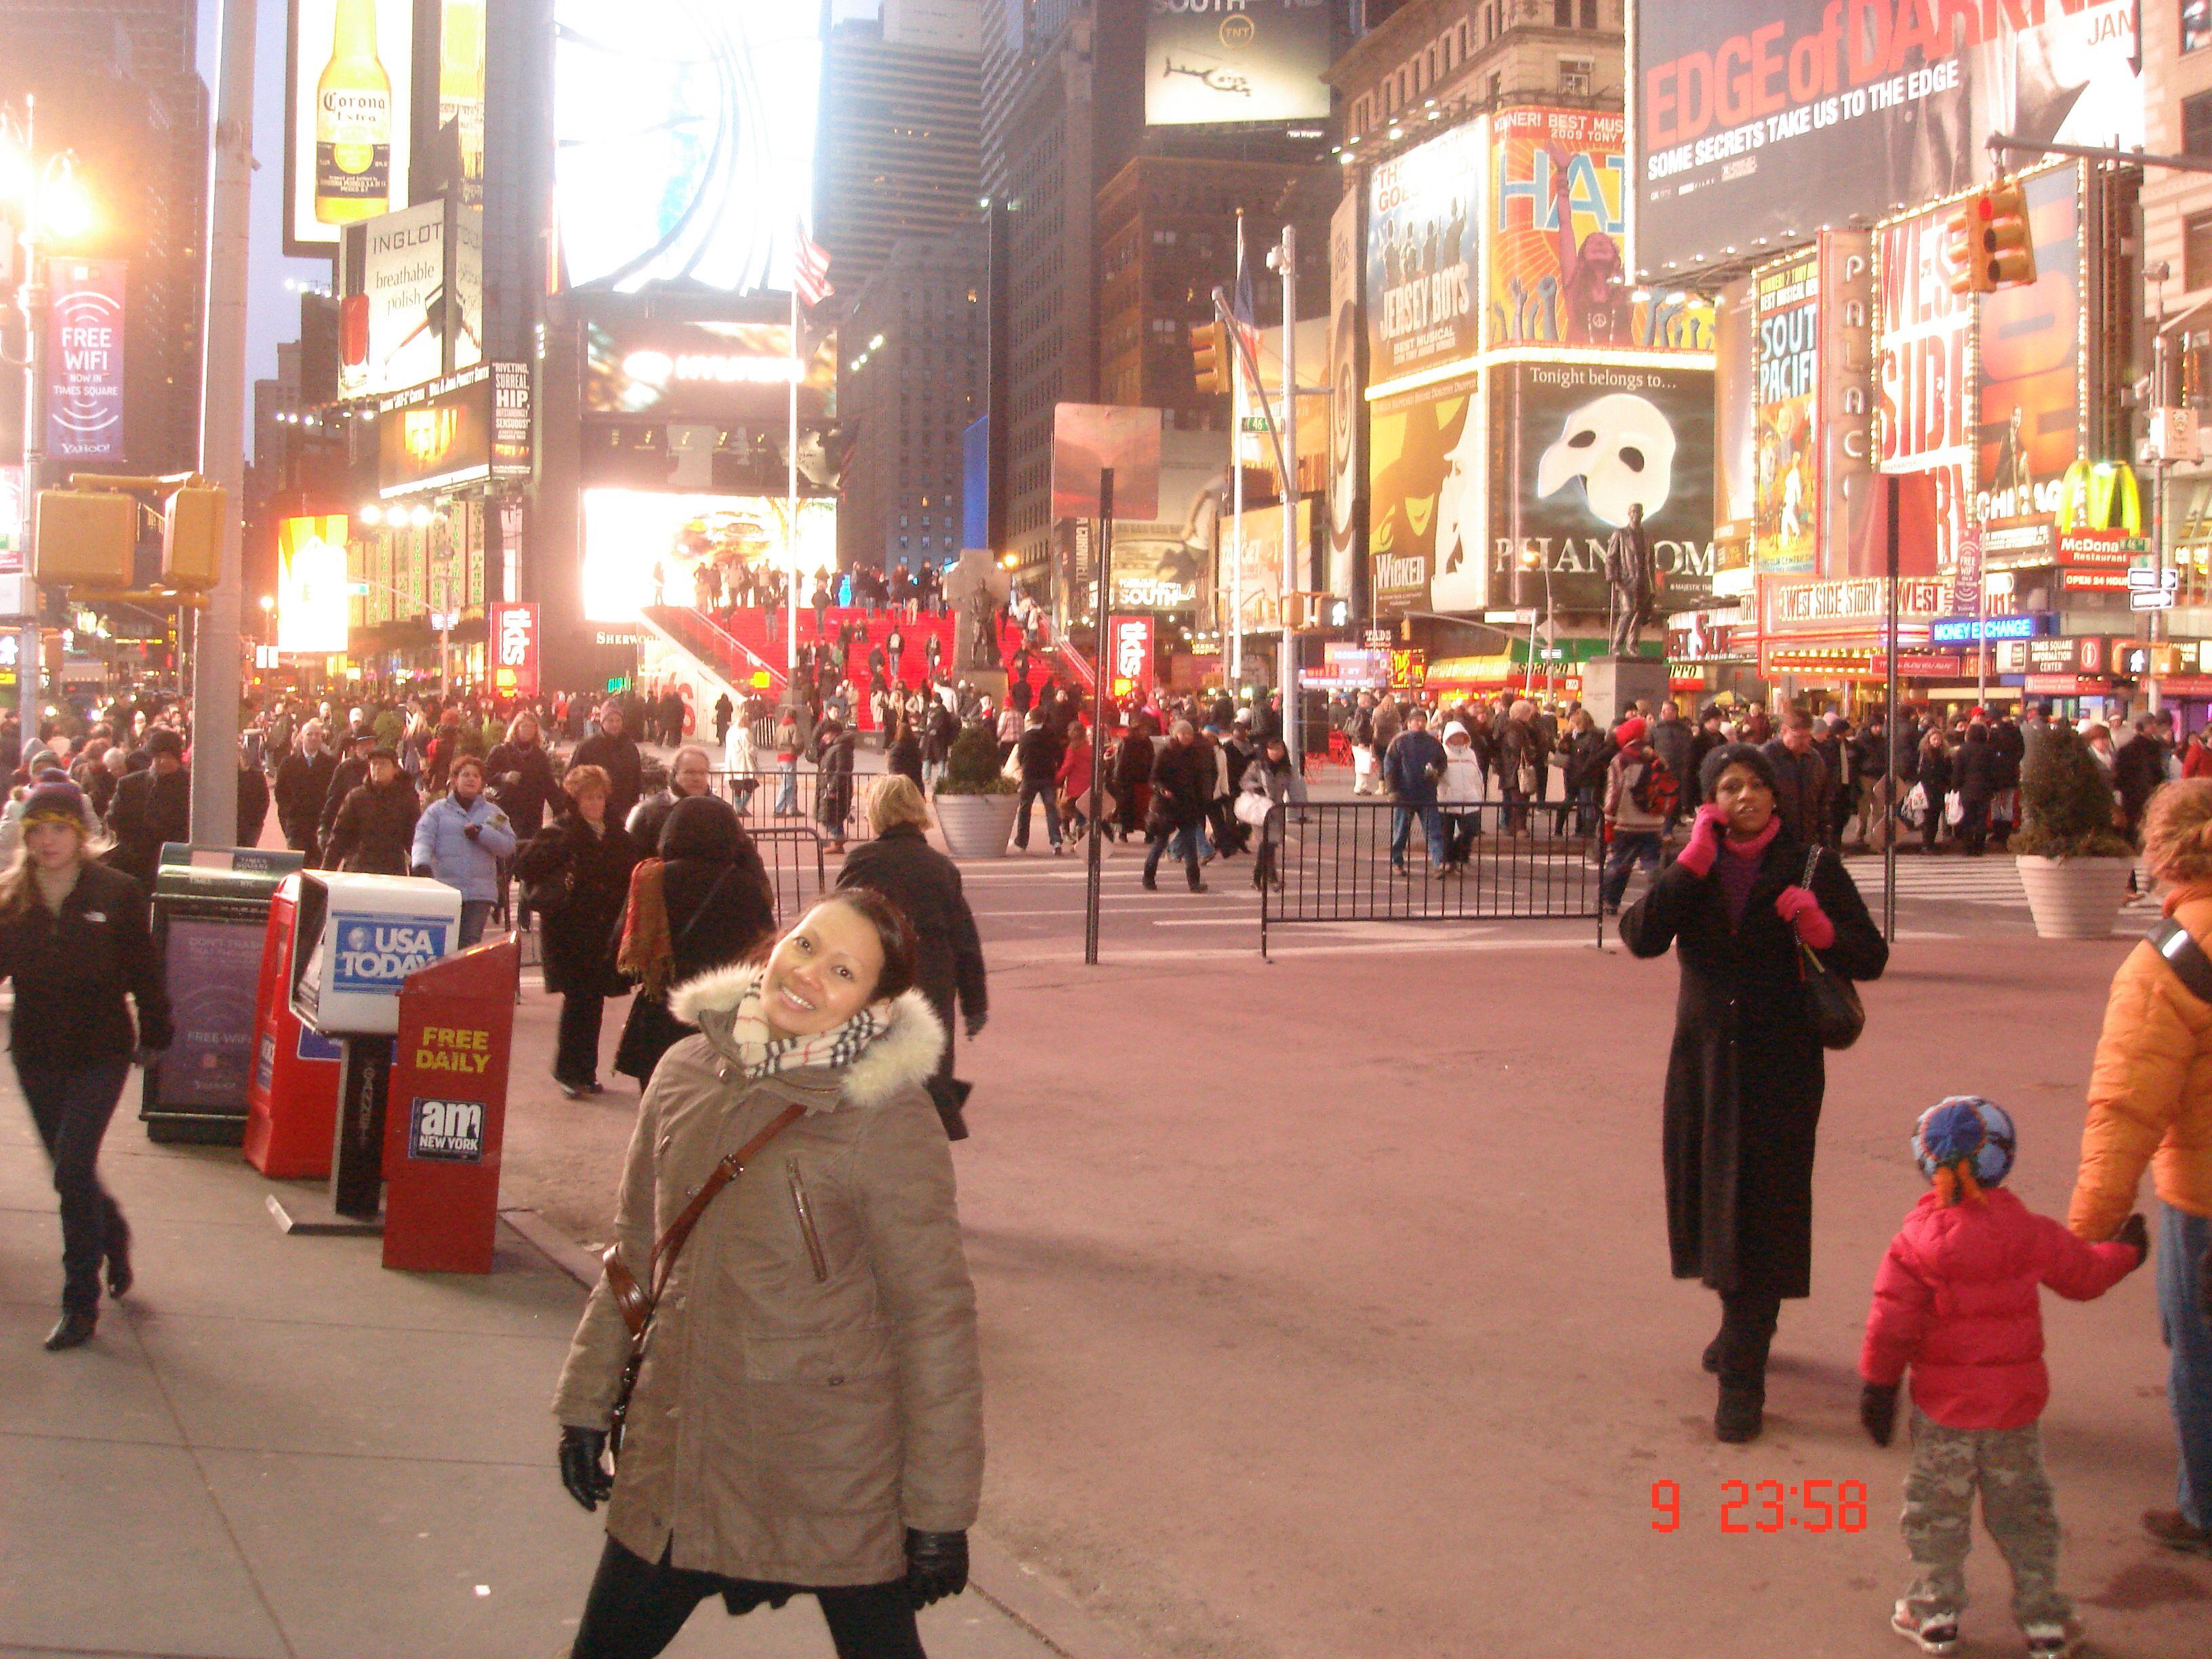 At NY